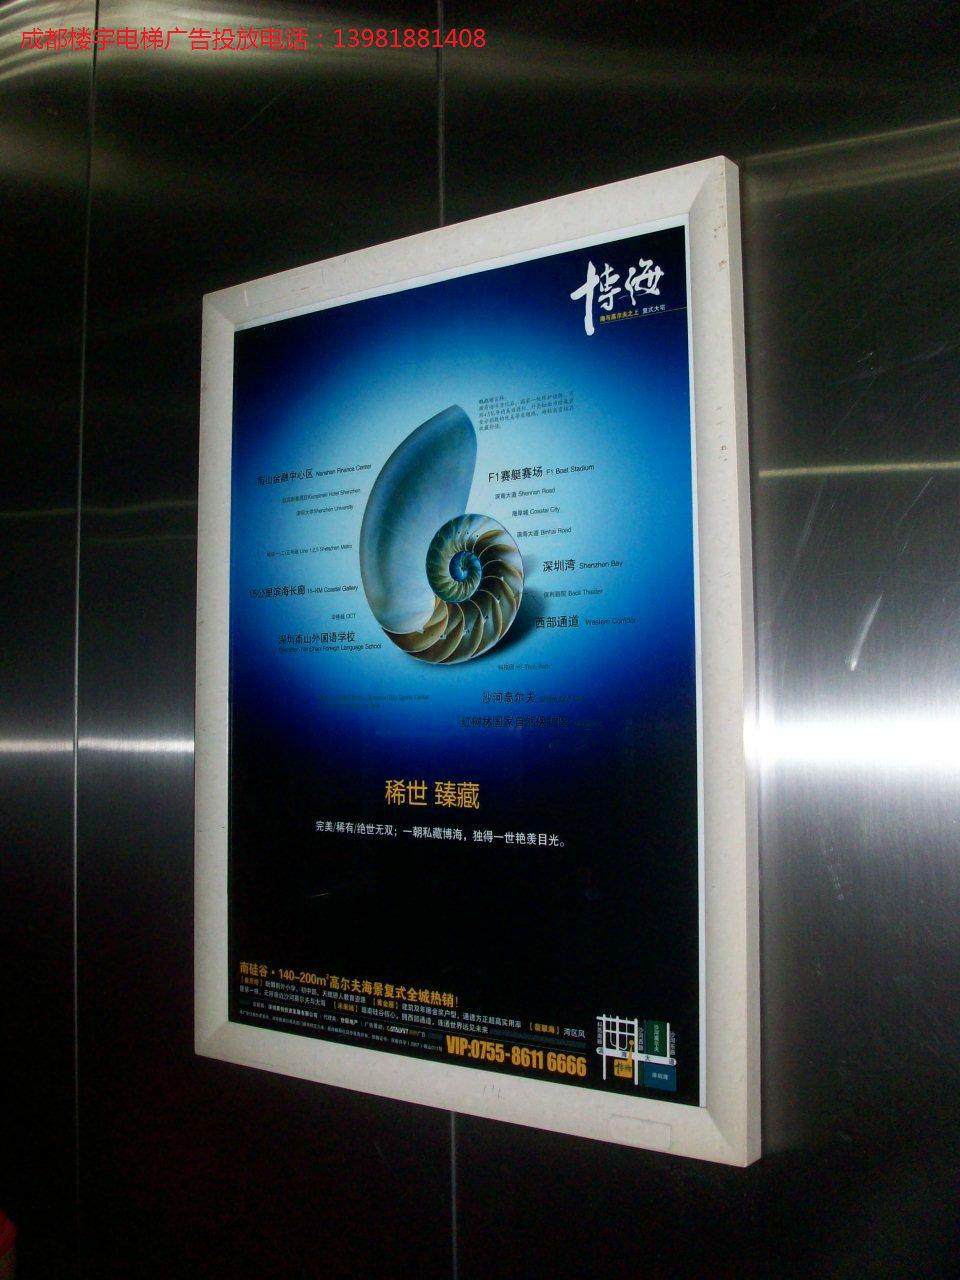 成都楼宇电梯广告平面框架媒体